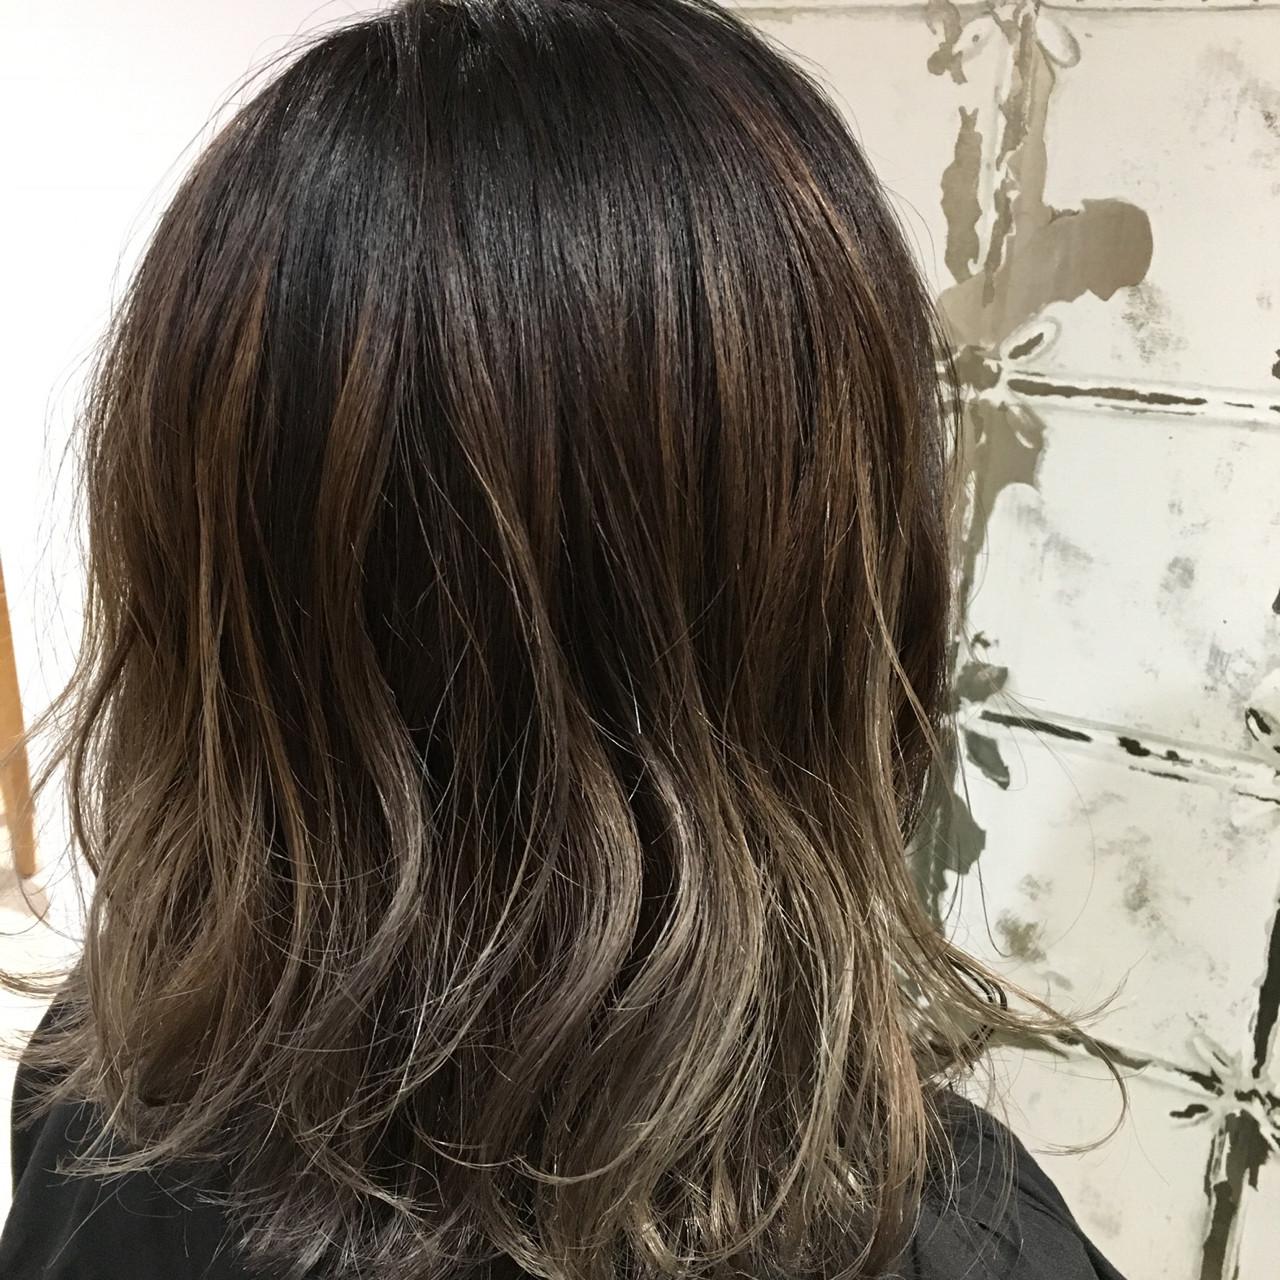 ハイライト 外国人風 アッシュ バレイヤージュ ヘアスタイルや髪型の写真・画像 | 岡本 光太 / Acotto Labas